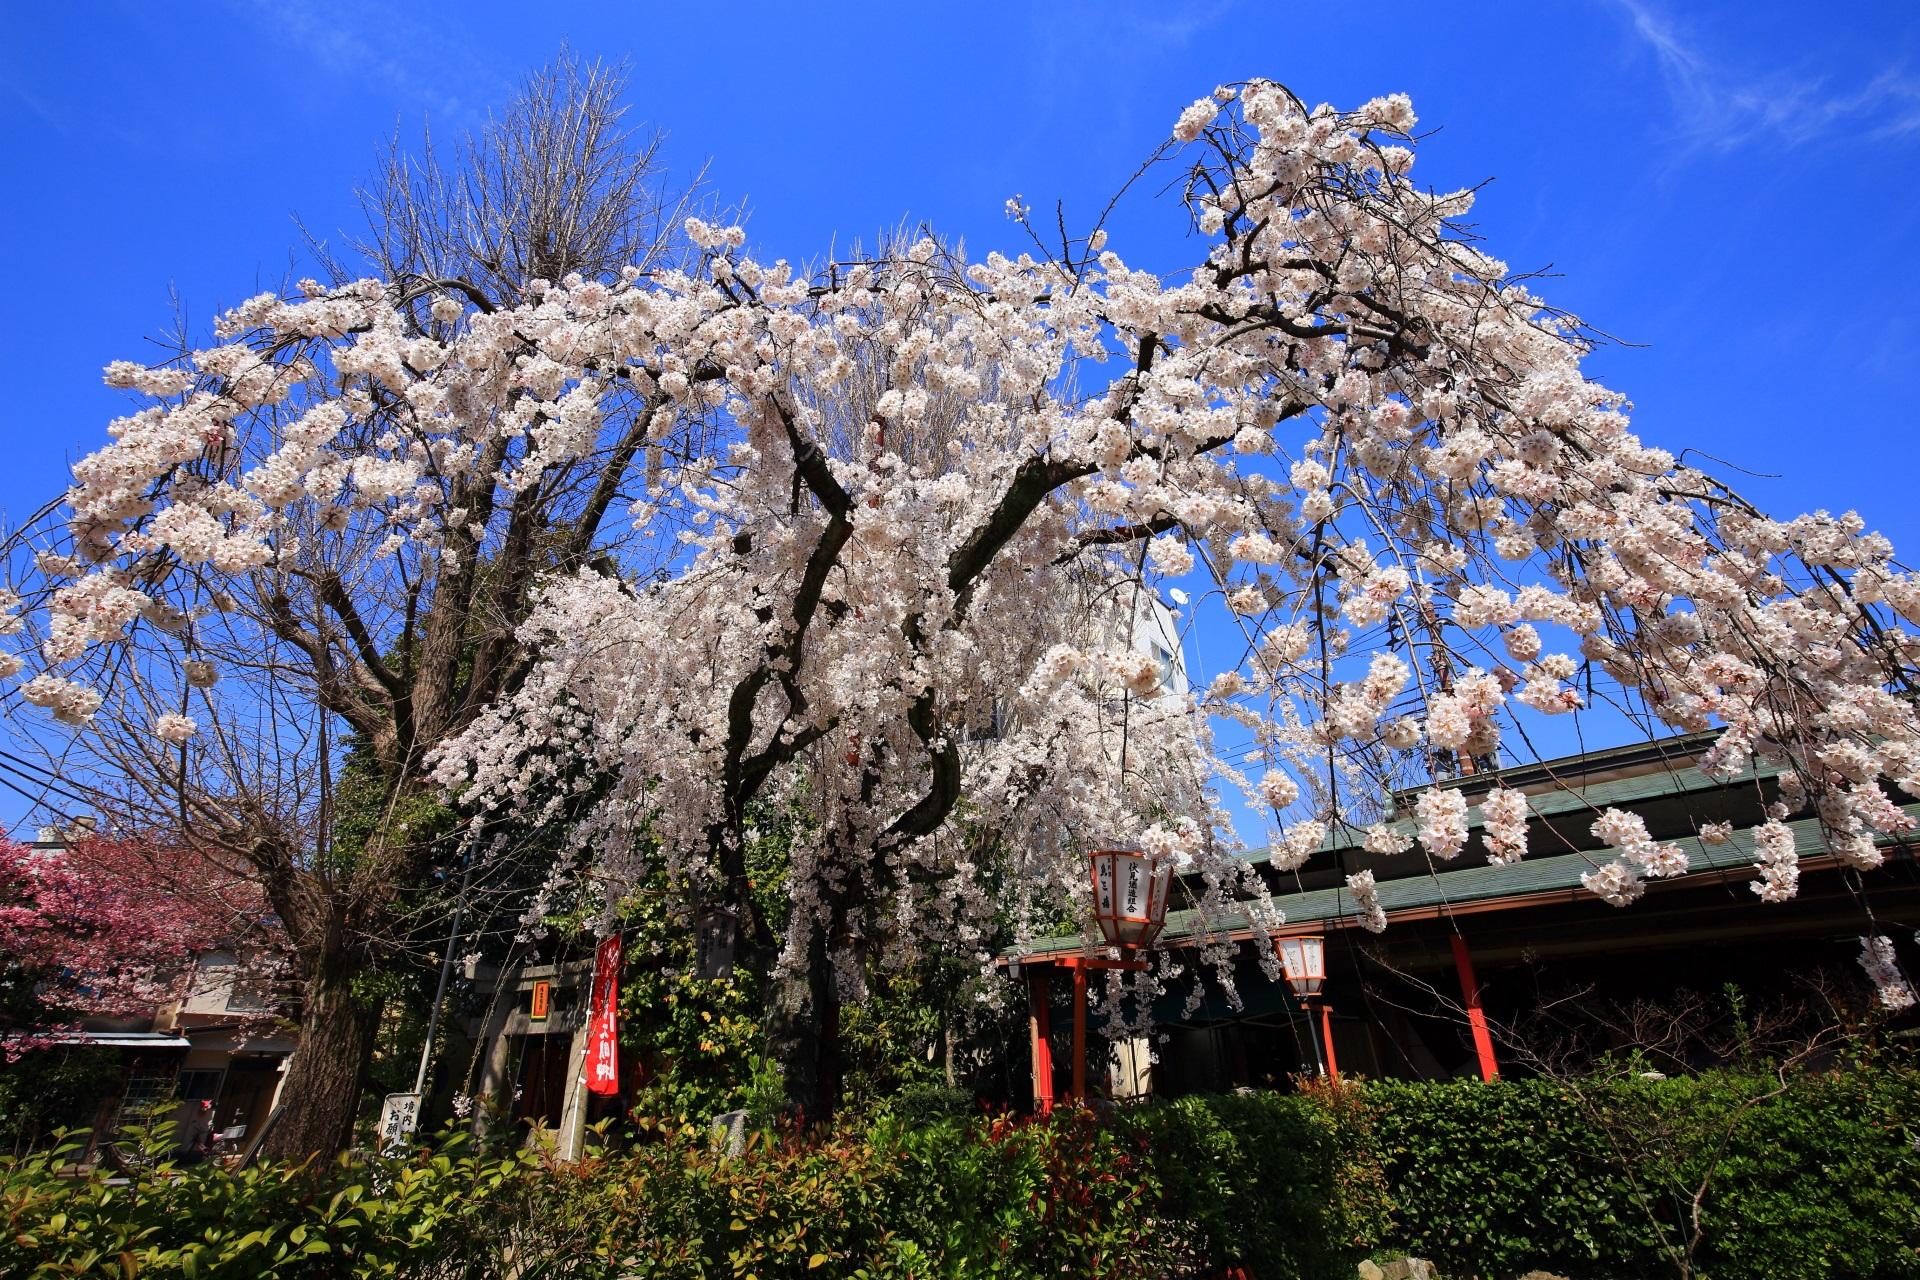 雨の多かった桜シーズンの貴重な青空の桜